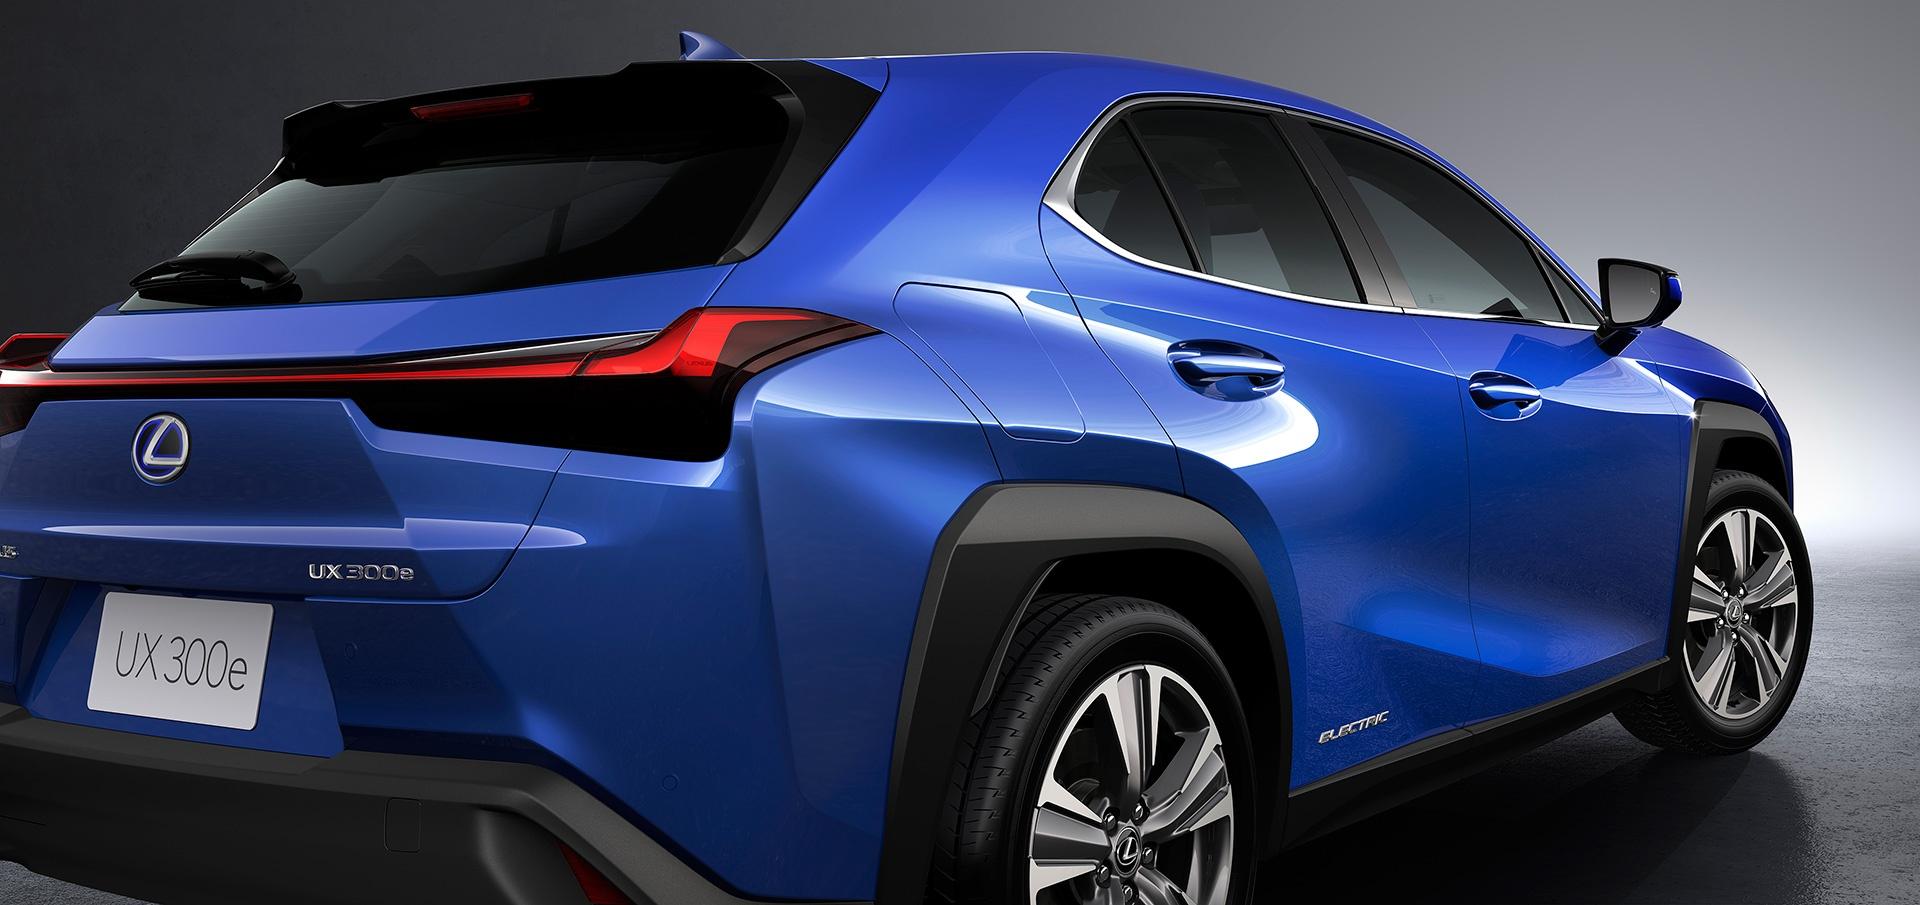 UX 300e - xe dien dau tien cua Lexus ra mat the gioi hinh anh 8